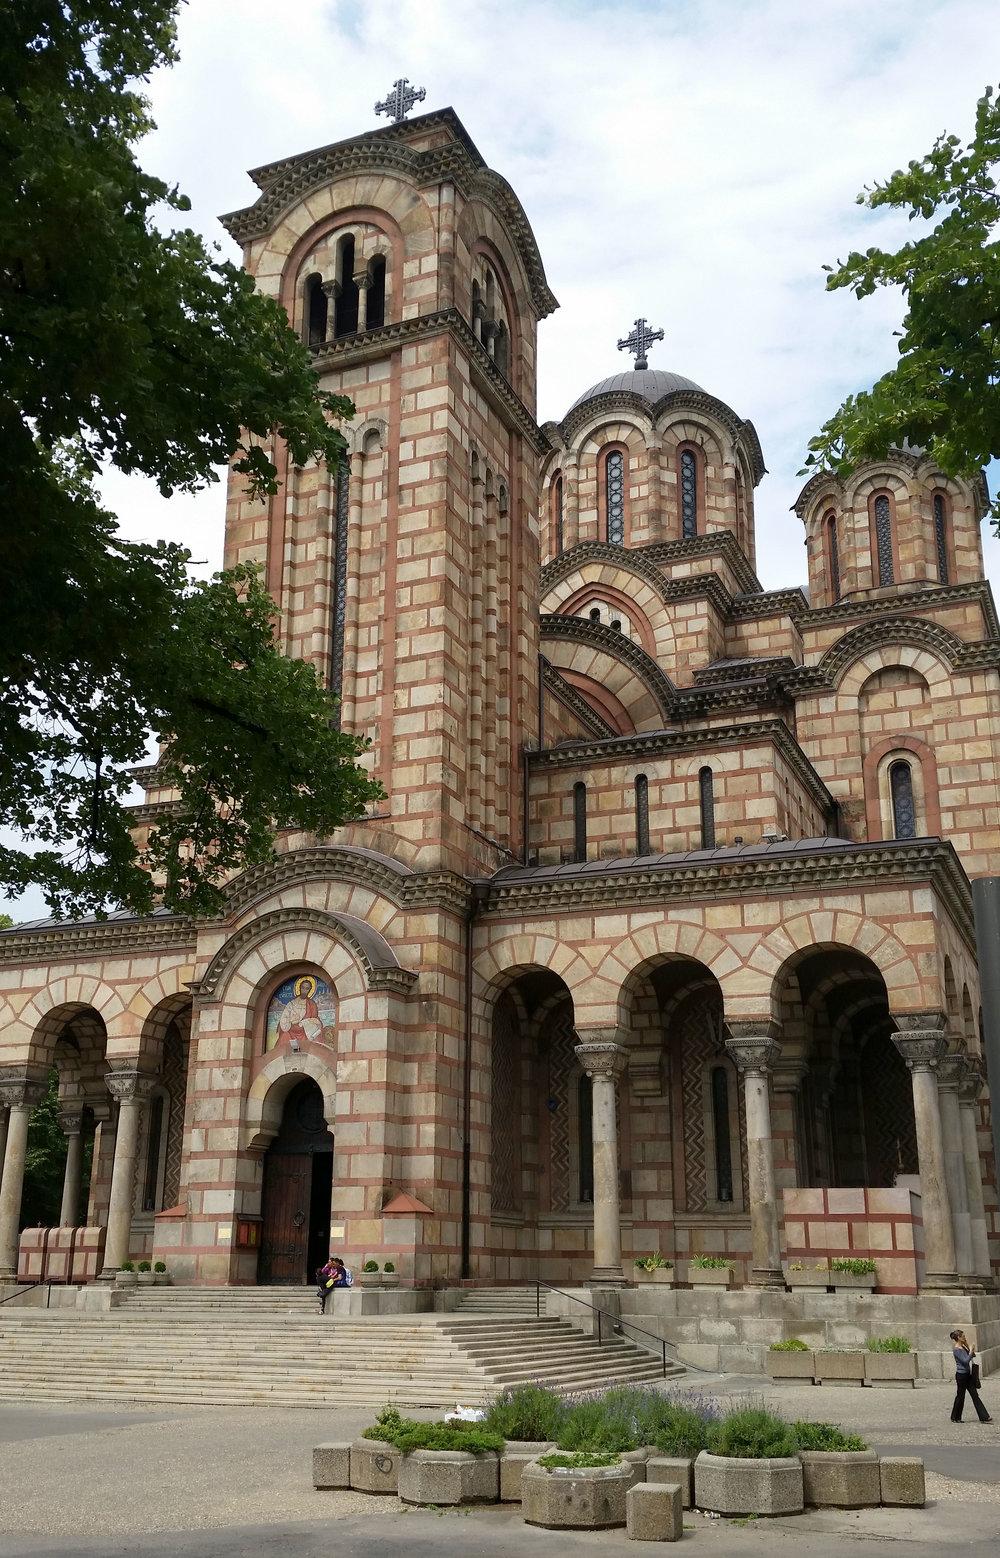 Crkva Svetog Marka (St Mark's Church), Tašmajdan Park